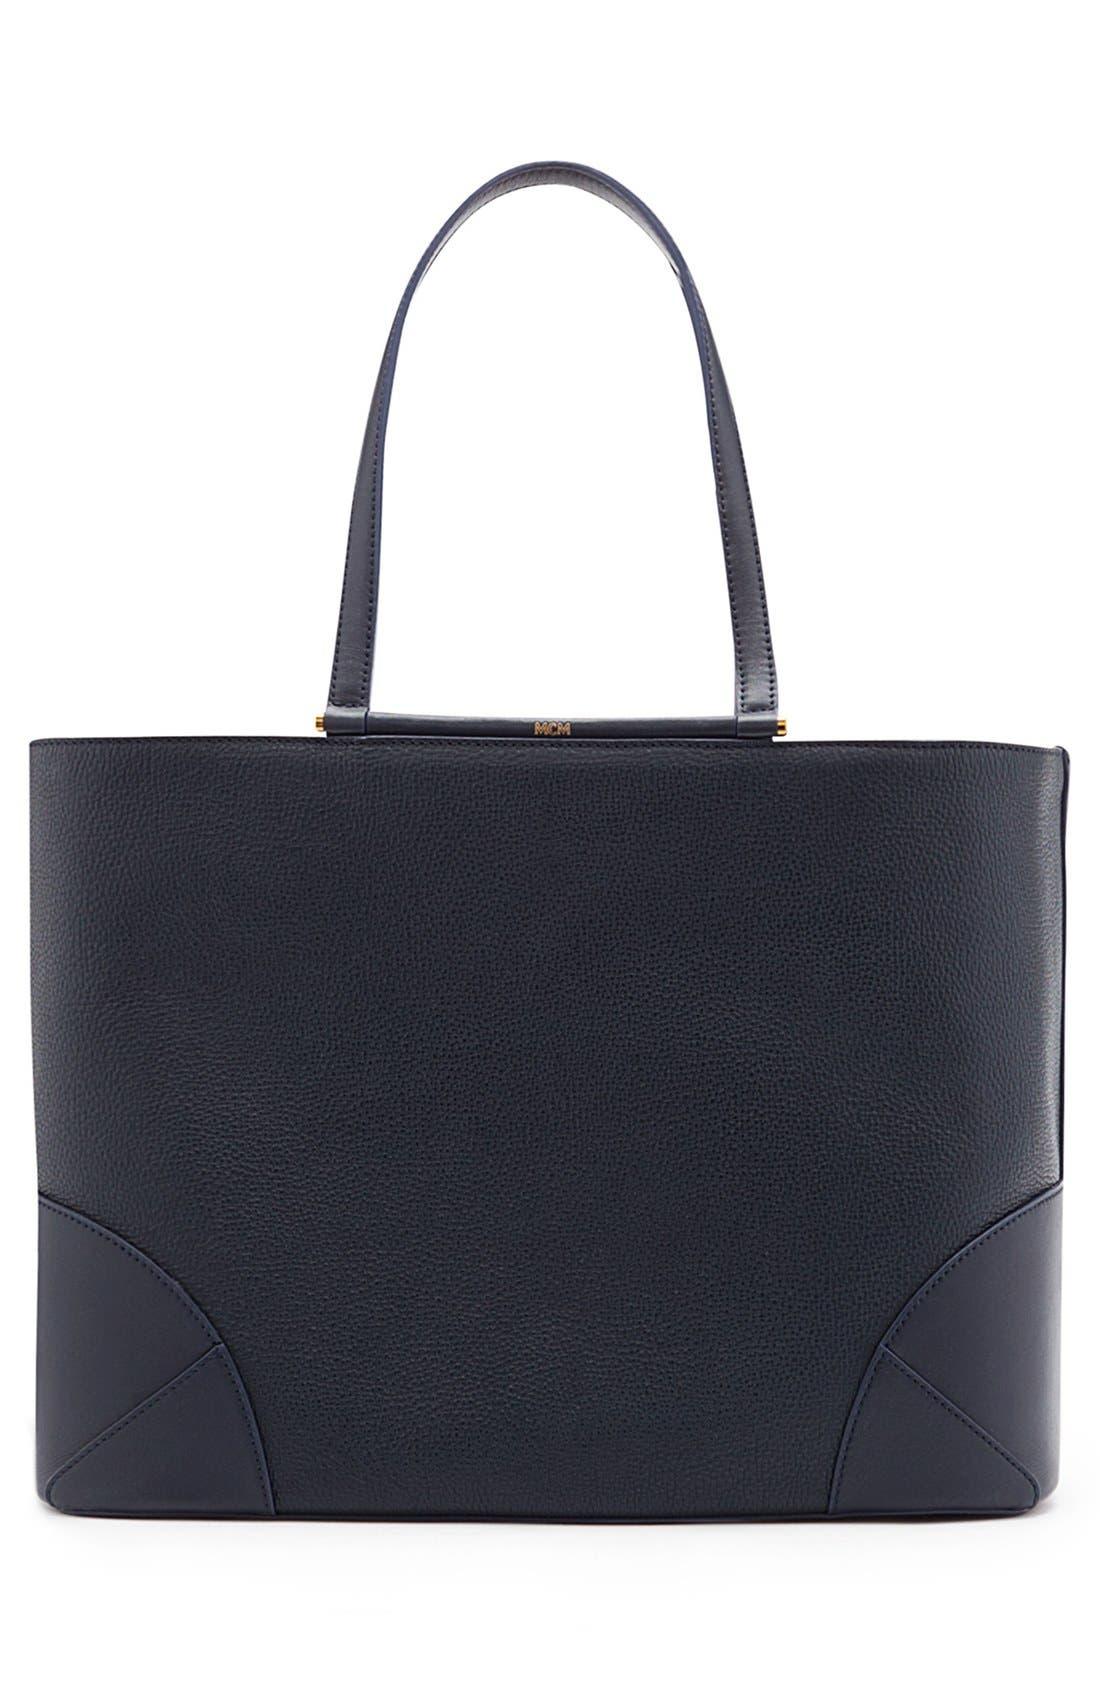 Alternate Image 2  - MCM 'Medium Claudia' Leather Shopper